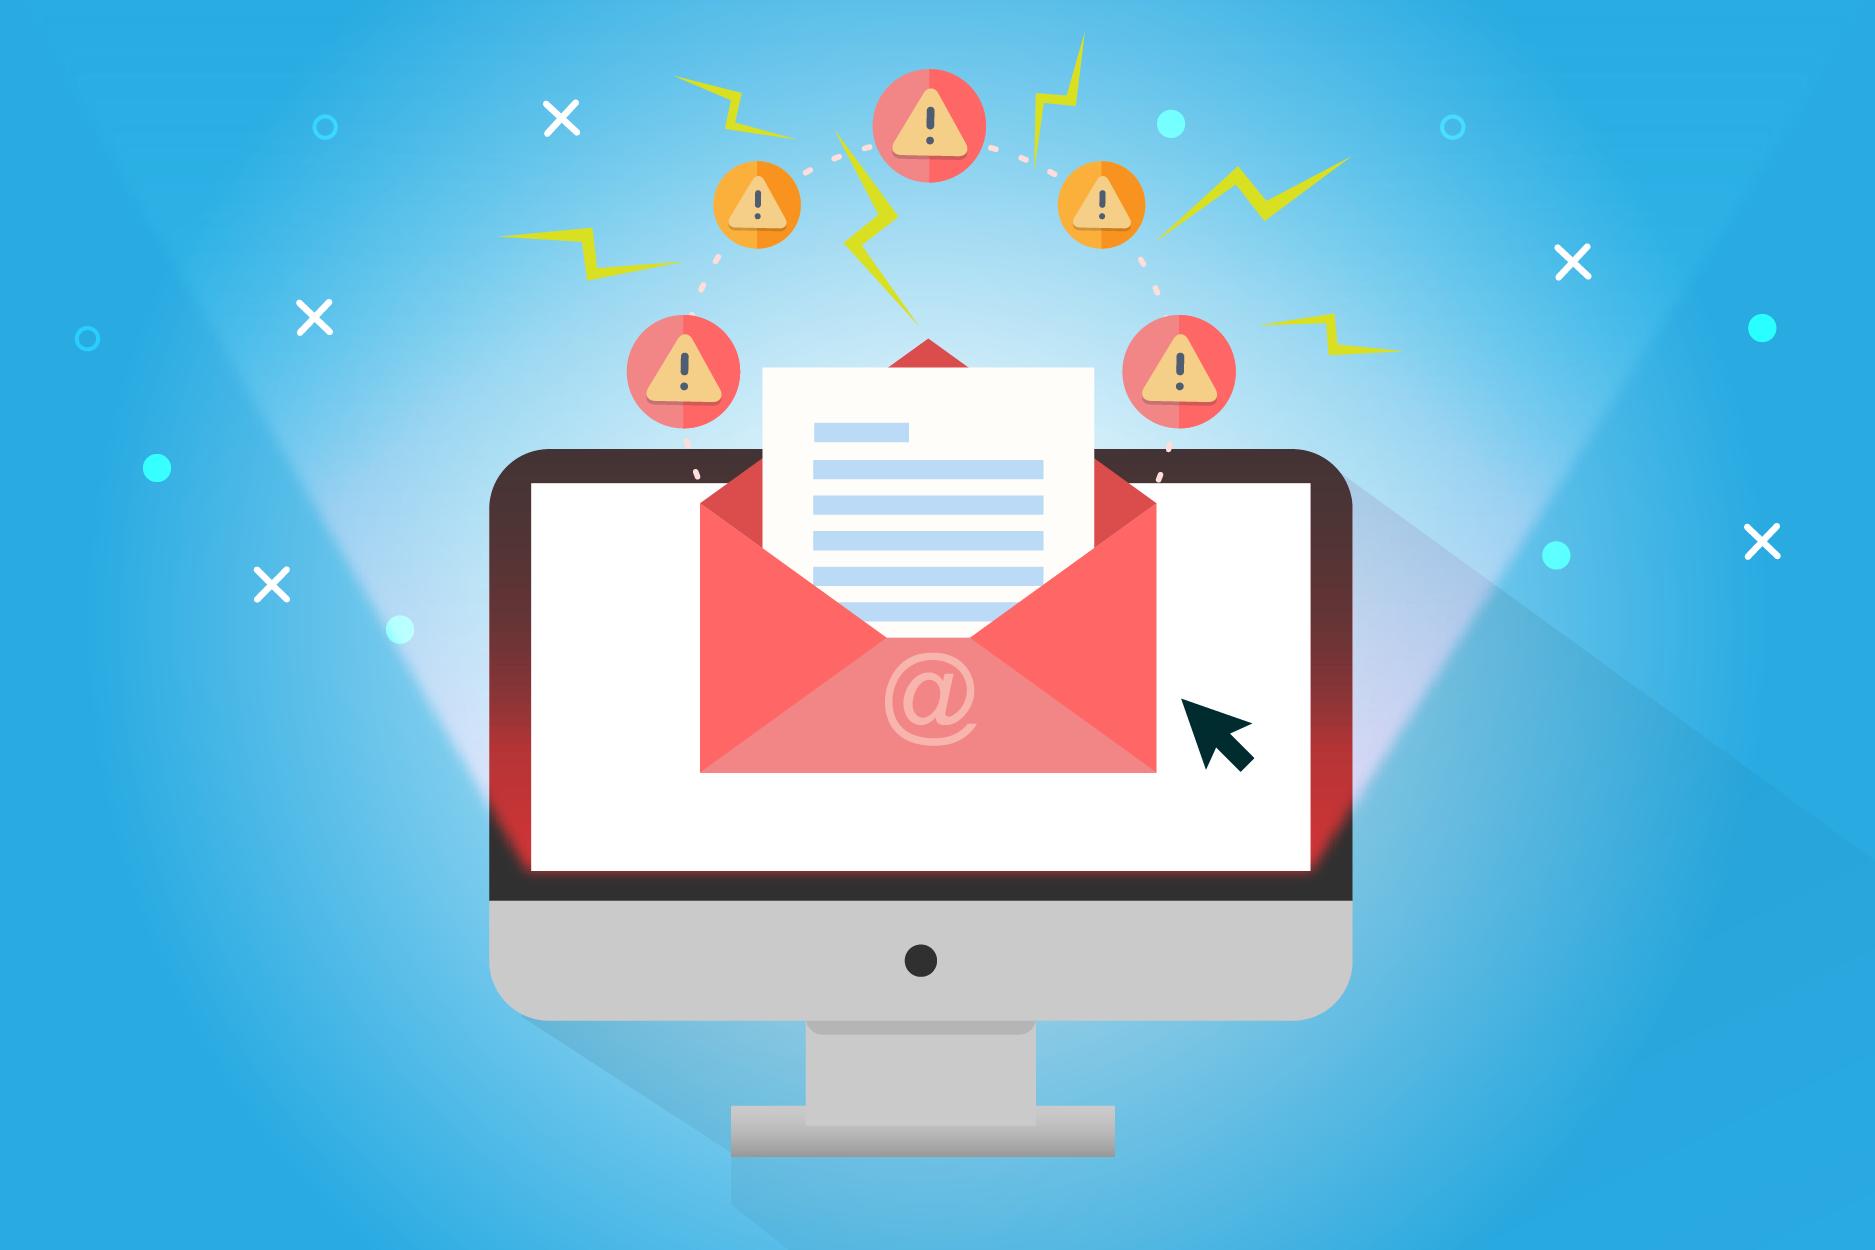 Por e-mail podem enviar spam e mensagens suspeitas para roubarem informações.